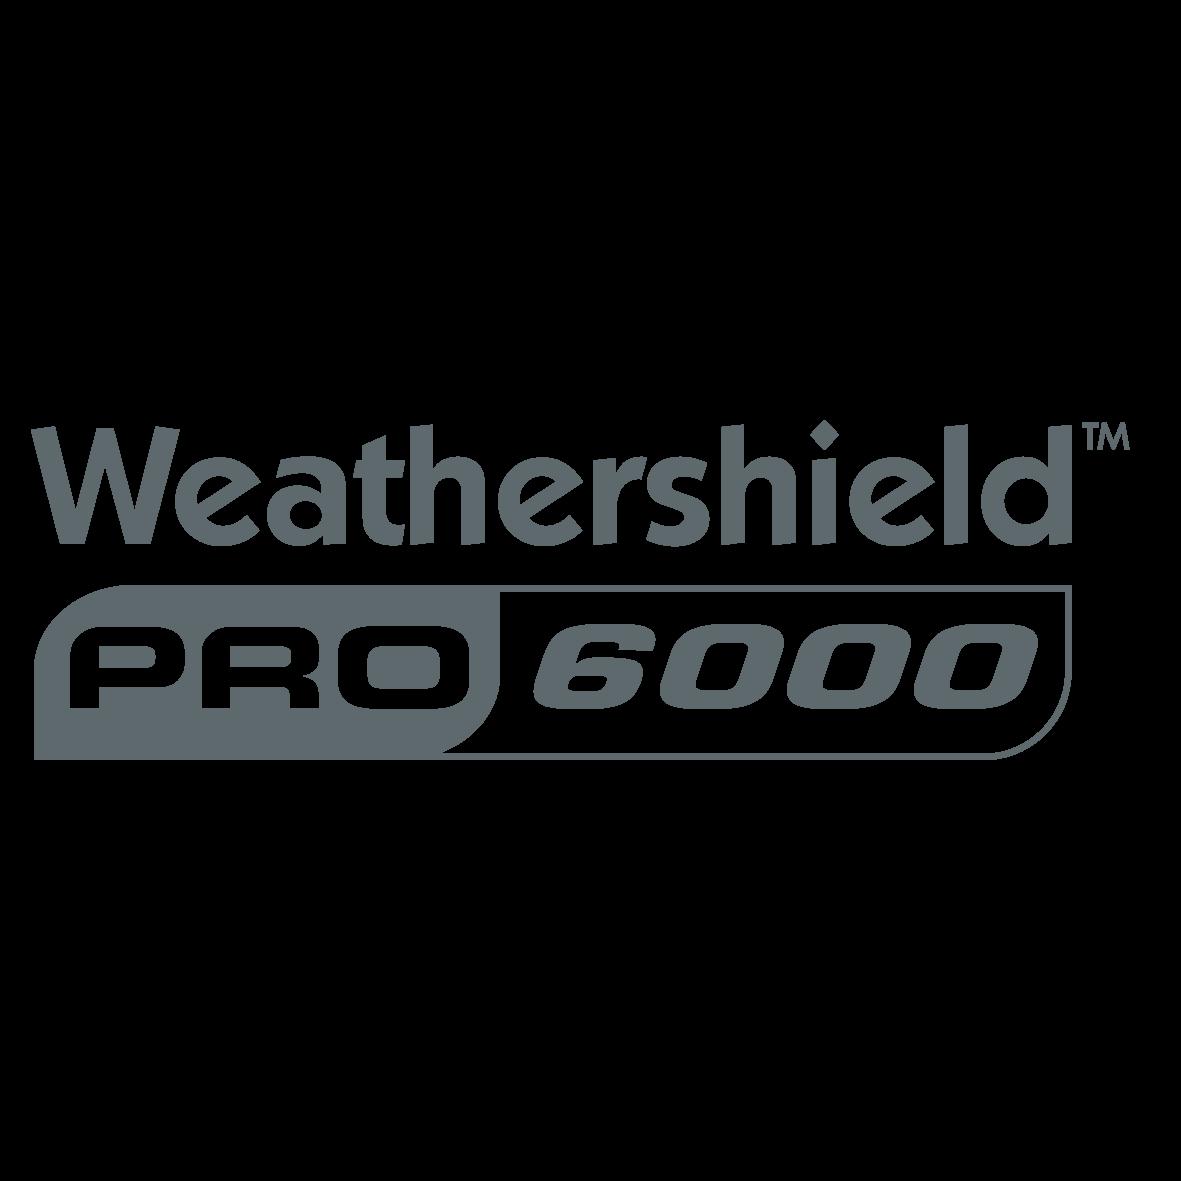 Weathershield Pro 6000 Logo Charcoal